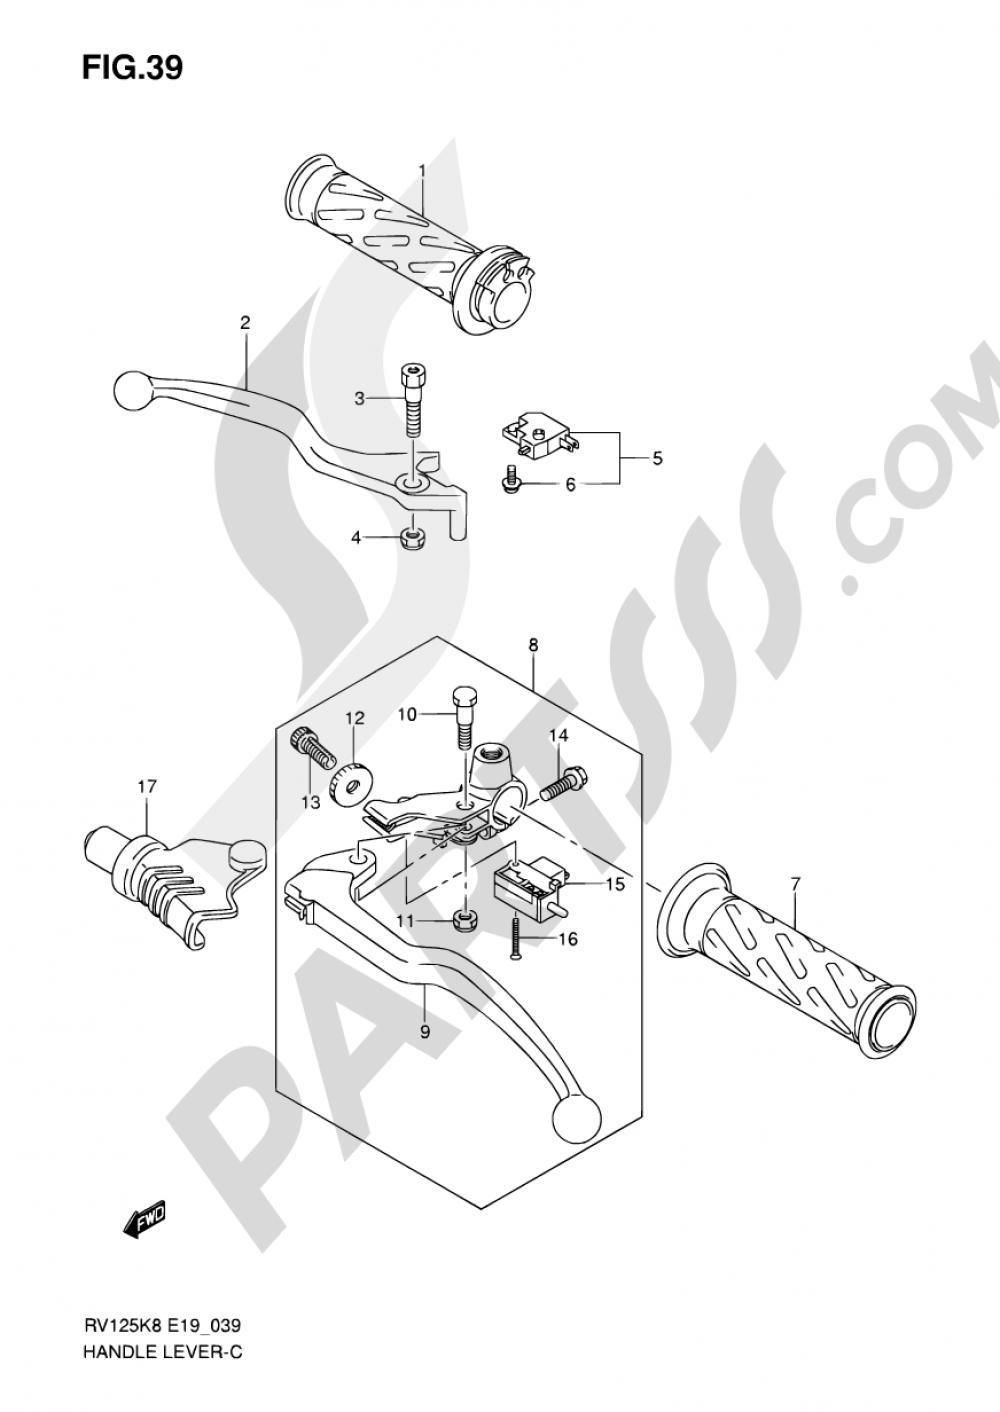 39 - HANDLE LEVER Suzuki VAN VAN RV125 2009